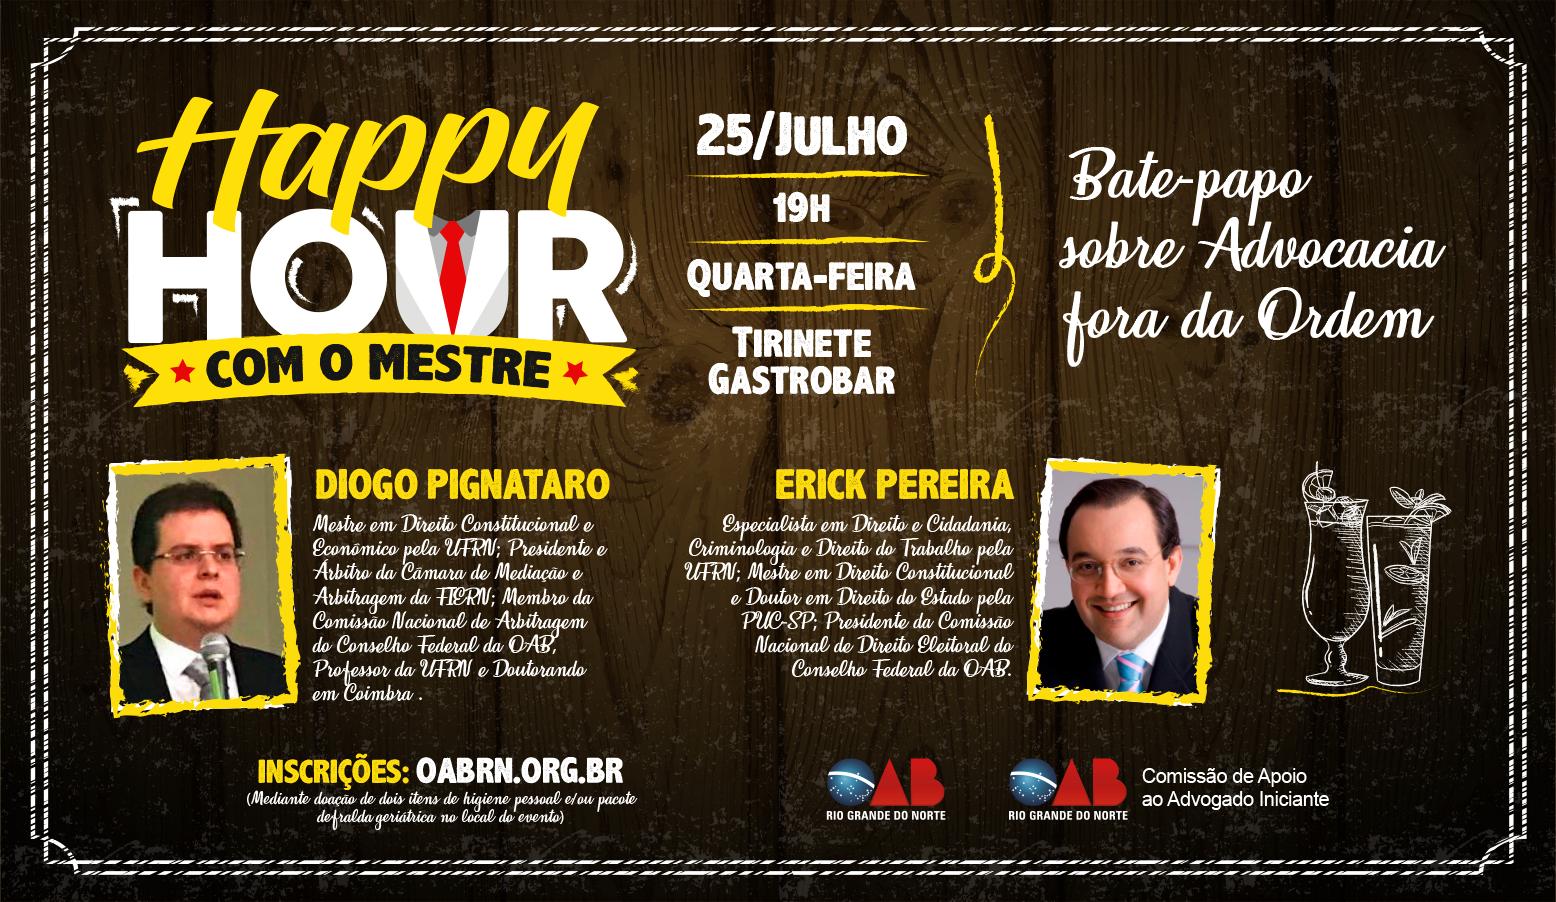 Happy Hour com o Mestre acontecerá dia 25